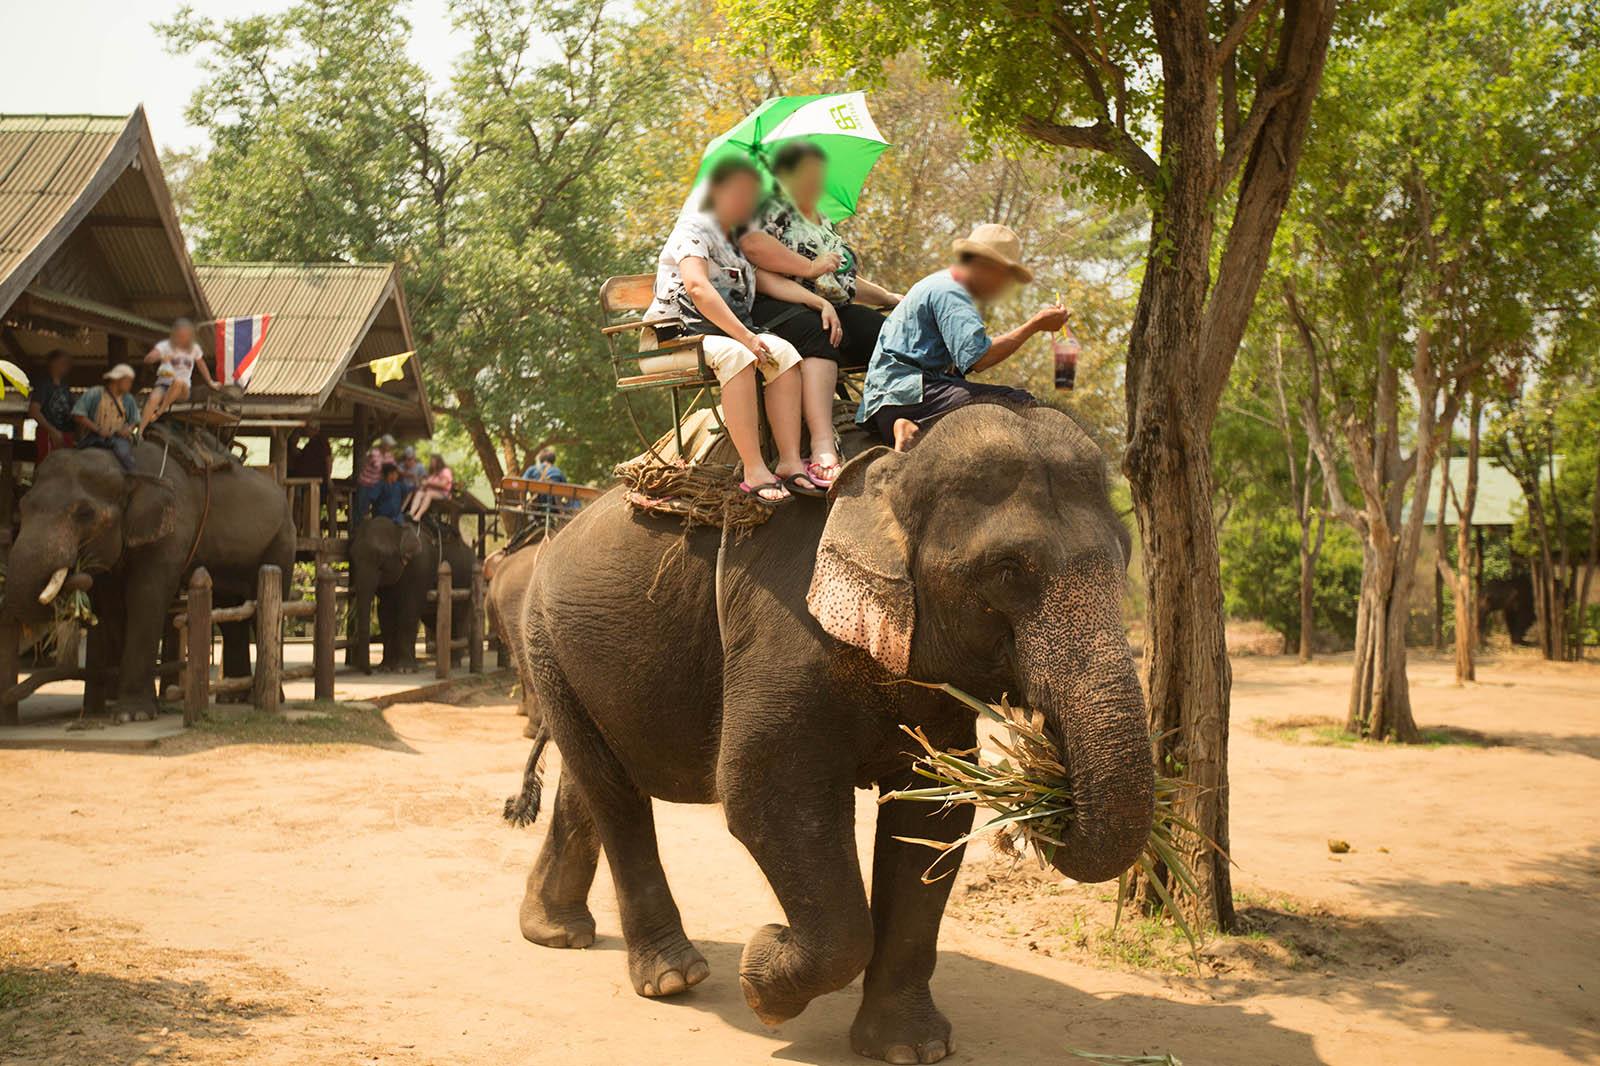 Tiere als Touristen-Attraktion: 7 Tierschutz-Fallen im Ausland